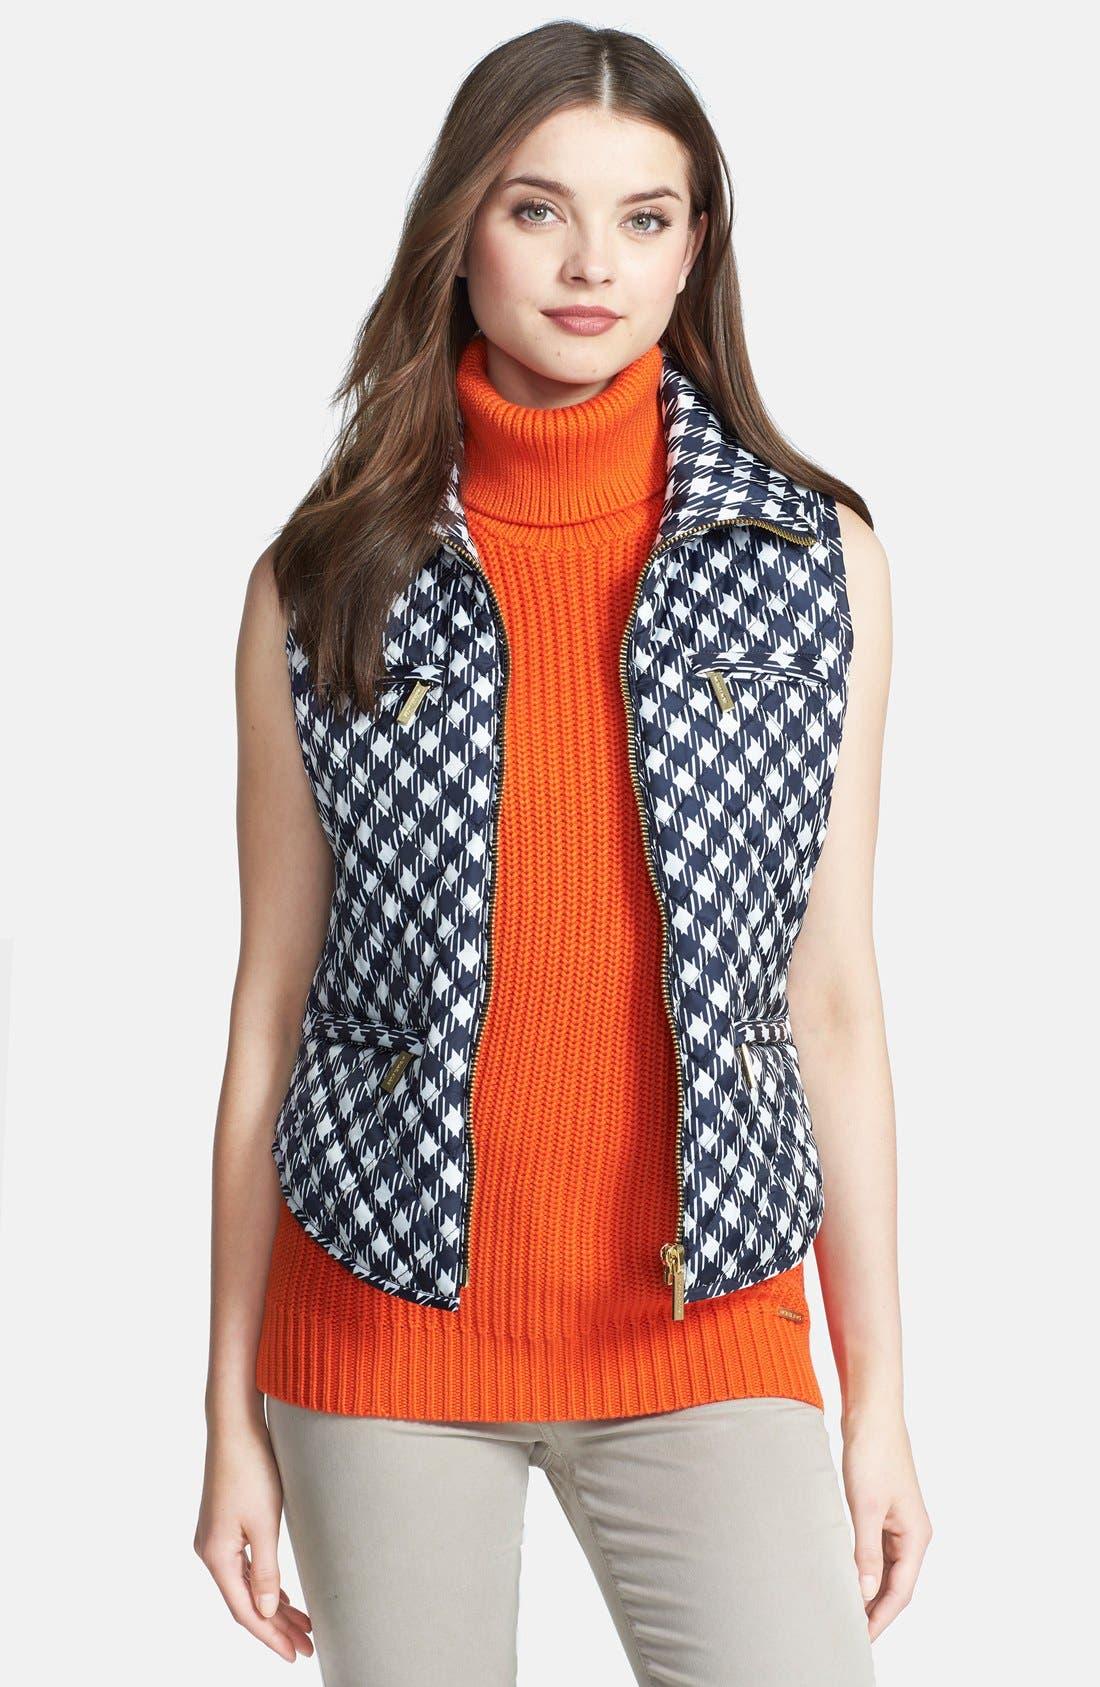 Alternate Image 1 Selected - MICHAEL Michael Kors Print Puffer Vest (Regular & Petite)